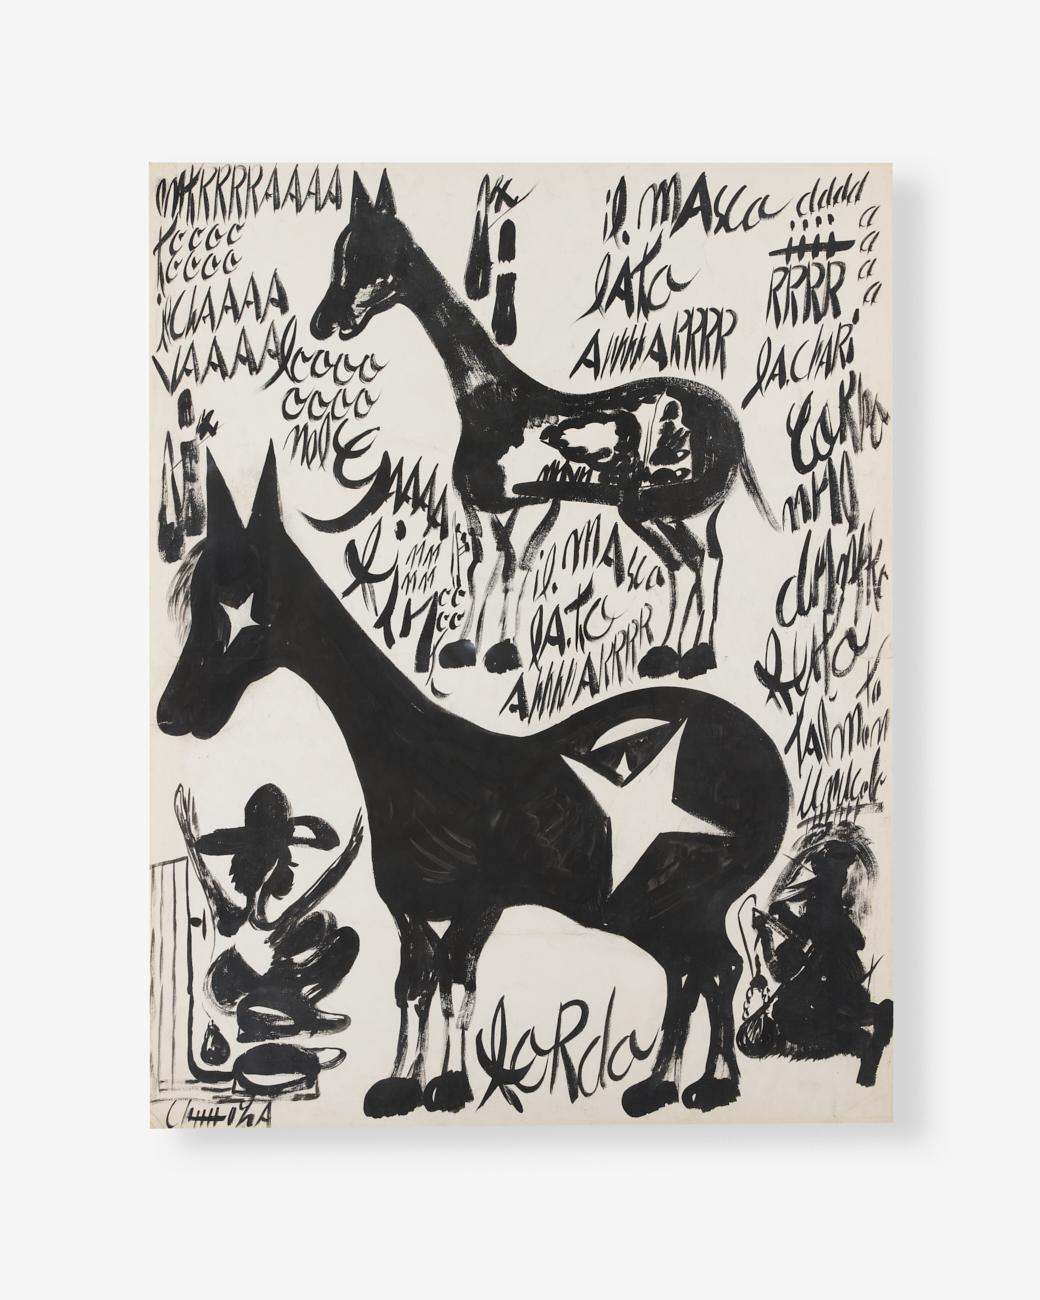 Carlo-Zinelli_Grande-cavallo-stellato_retro-cavallo-e-figure-con-scritte_tempera-su-carta_71x55_1926-2-1